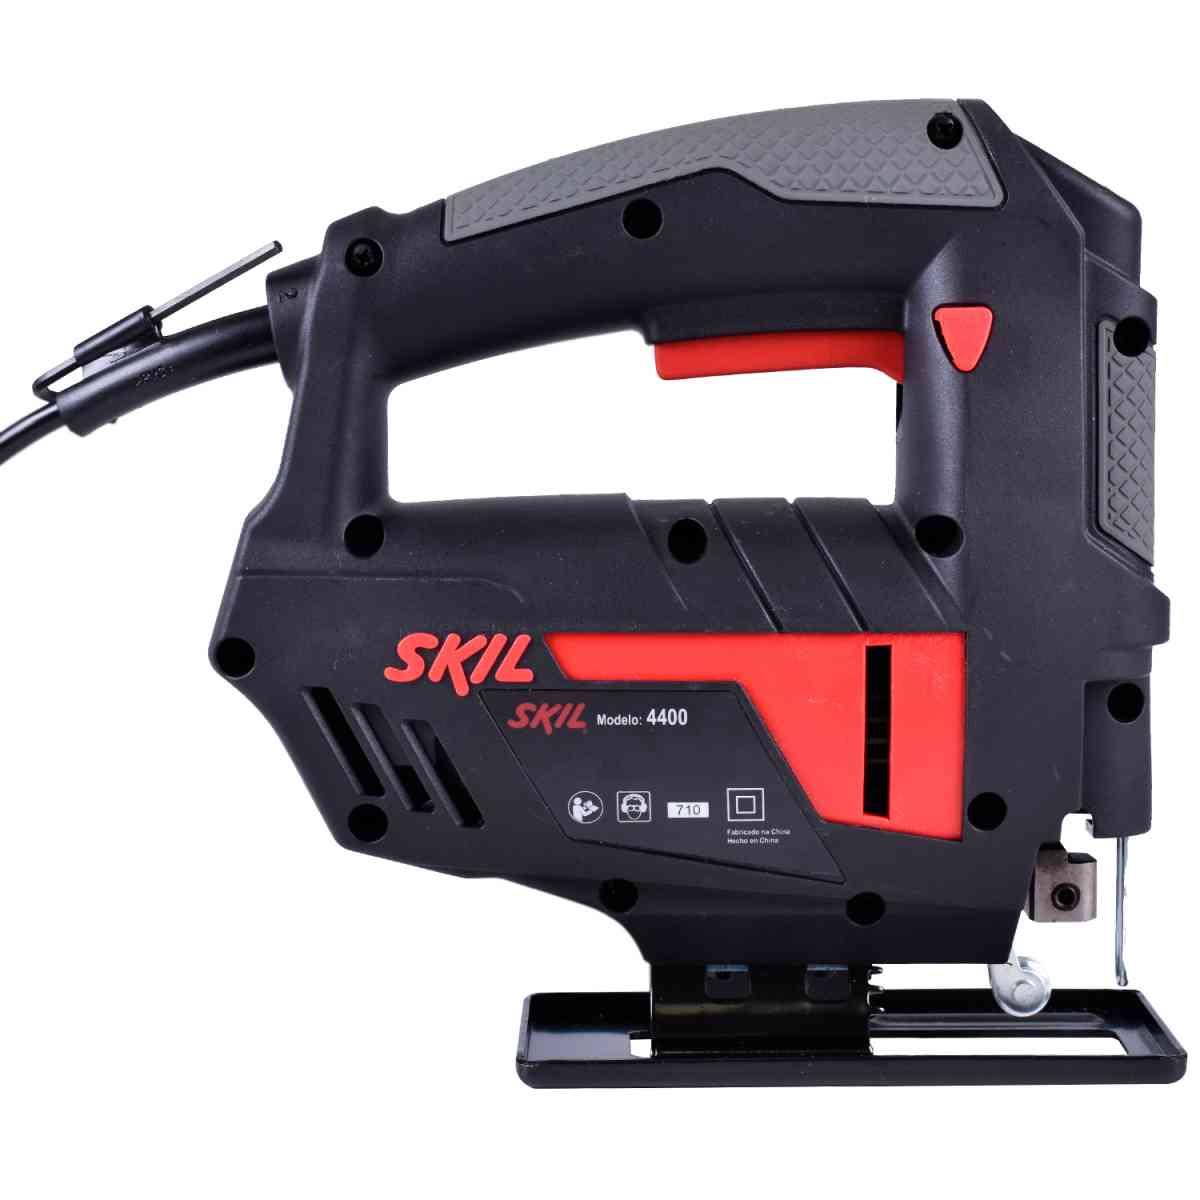 Serra Tico-Tico com Velocidade Variável 400W 4400 Skil -127V